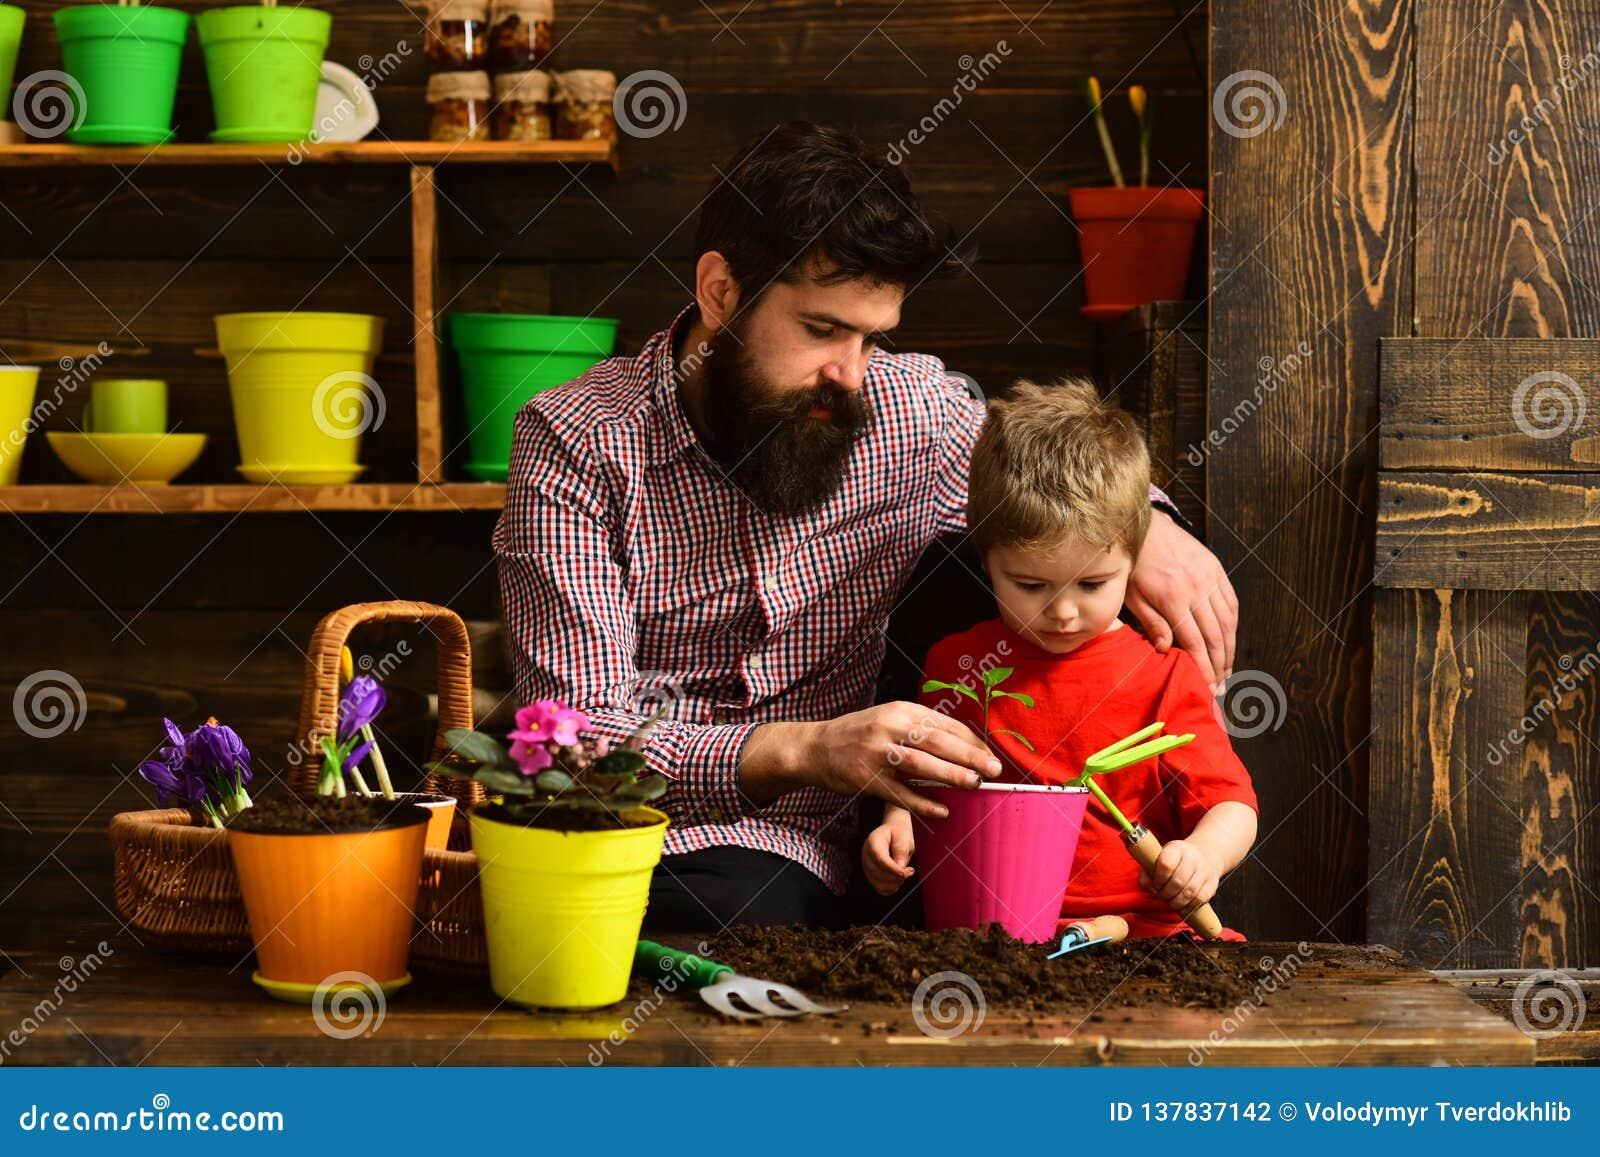 Szczęśliwe ogrodniczki z wiosna kwiatami Rodzinny dzień charcica Kwiat opieki podlewanie Glebowi użyźniacze Ojciec i syn